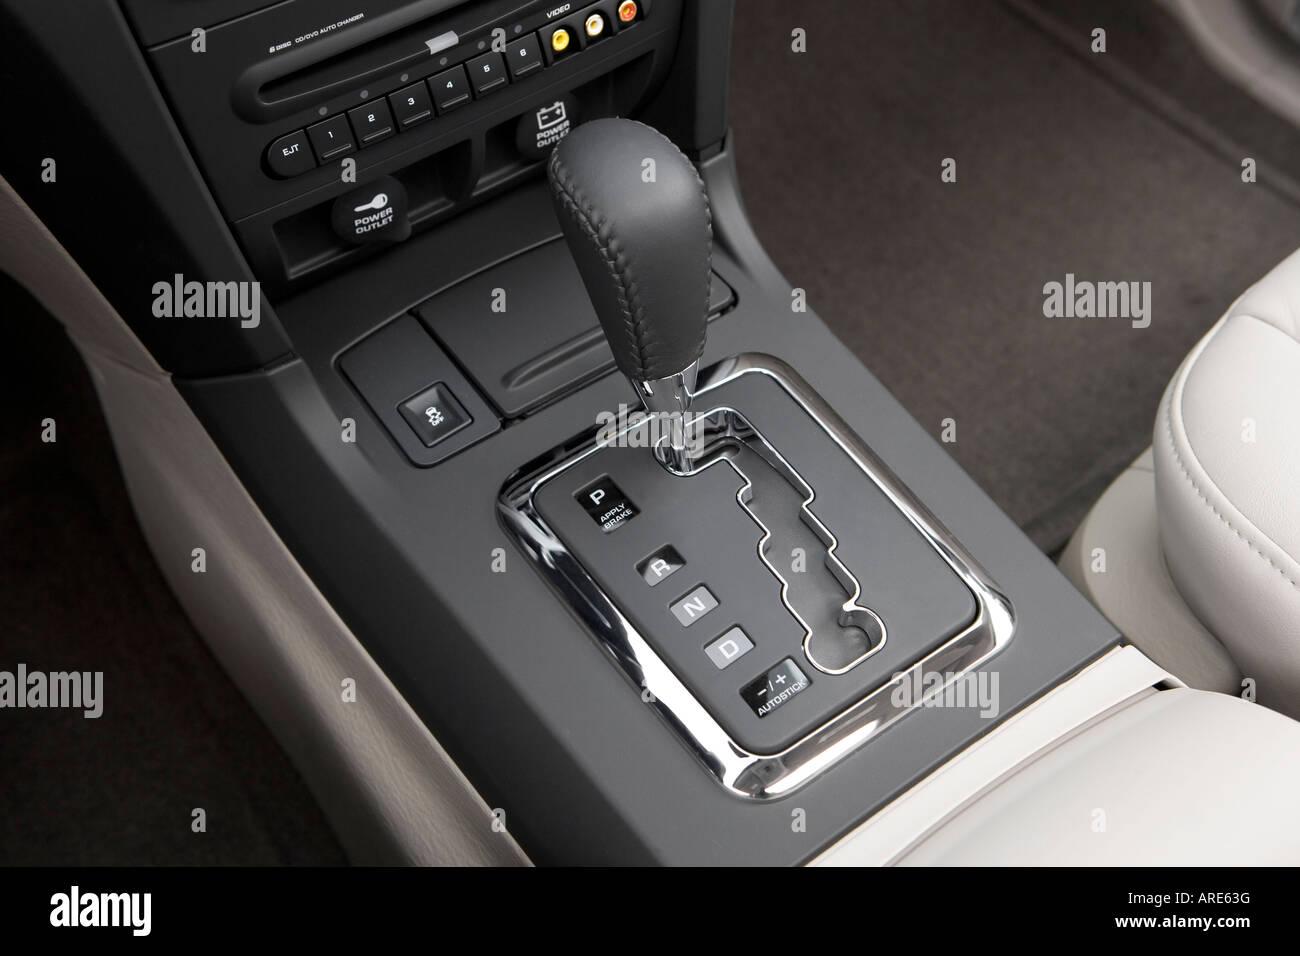 2006 chrysler pacifica repair manual download